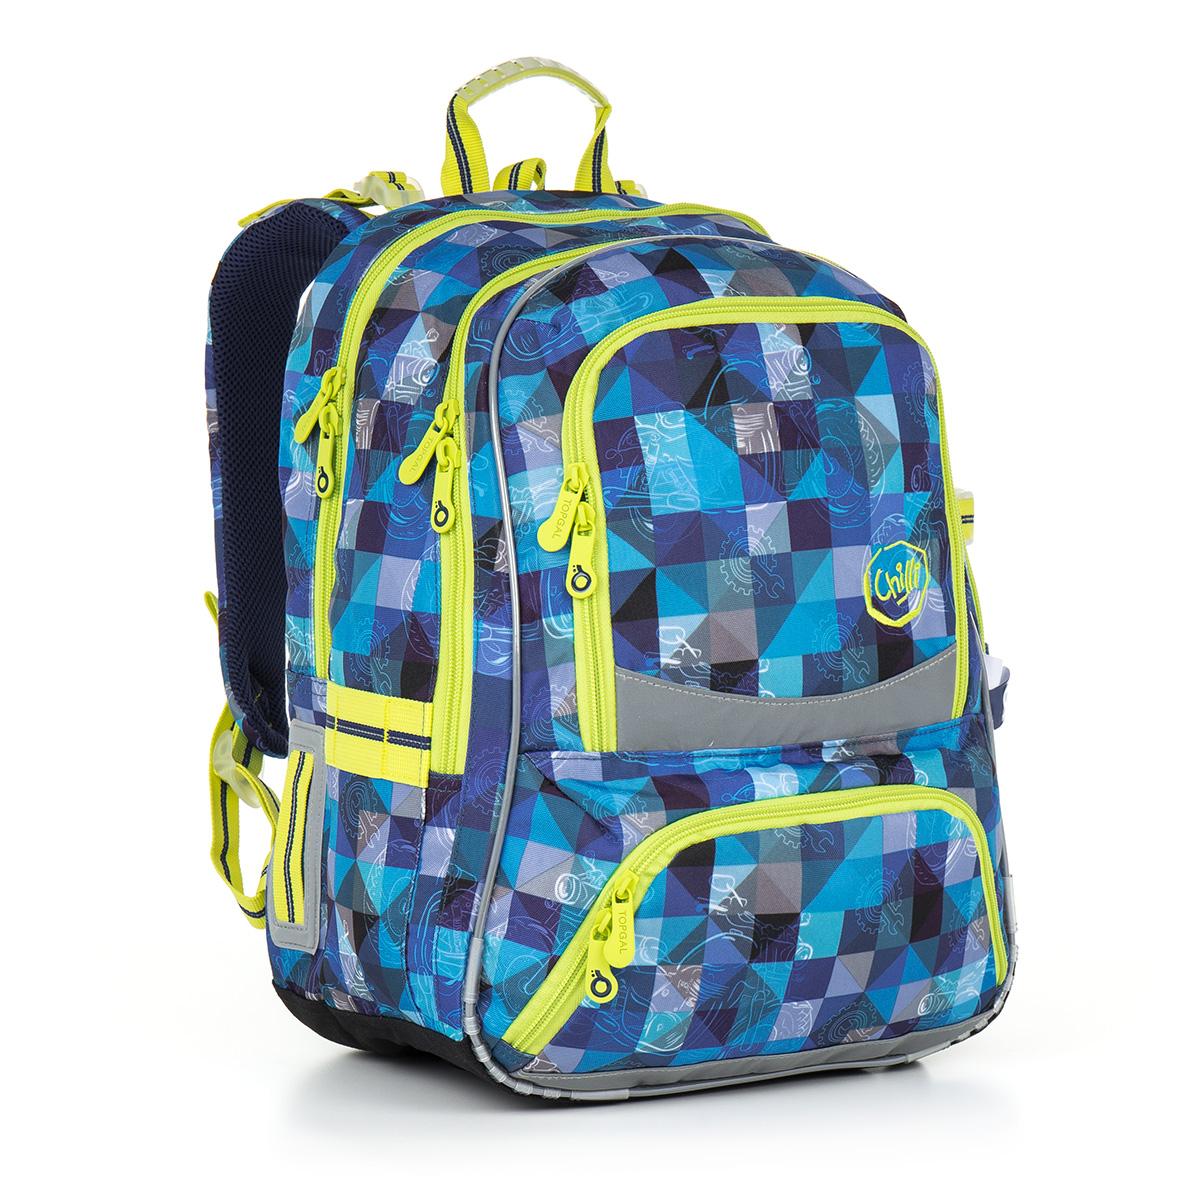 Topgal školní batoh Topgal CHI 870 D - Blue